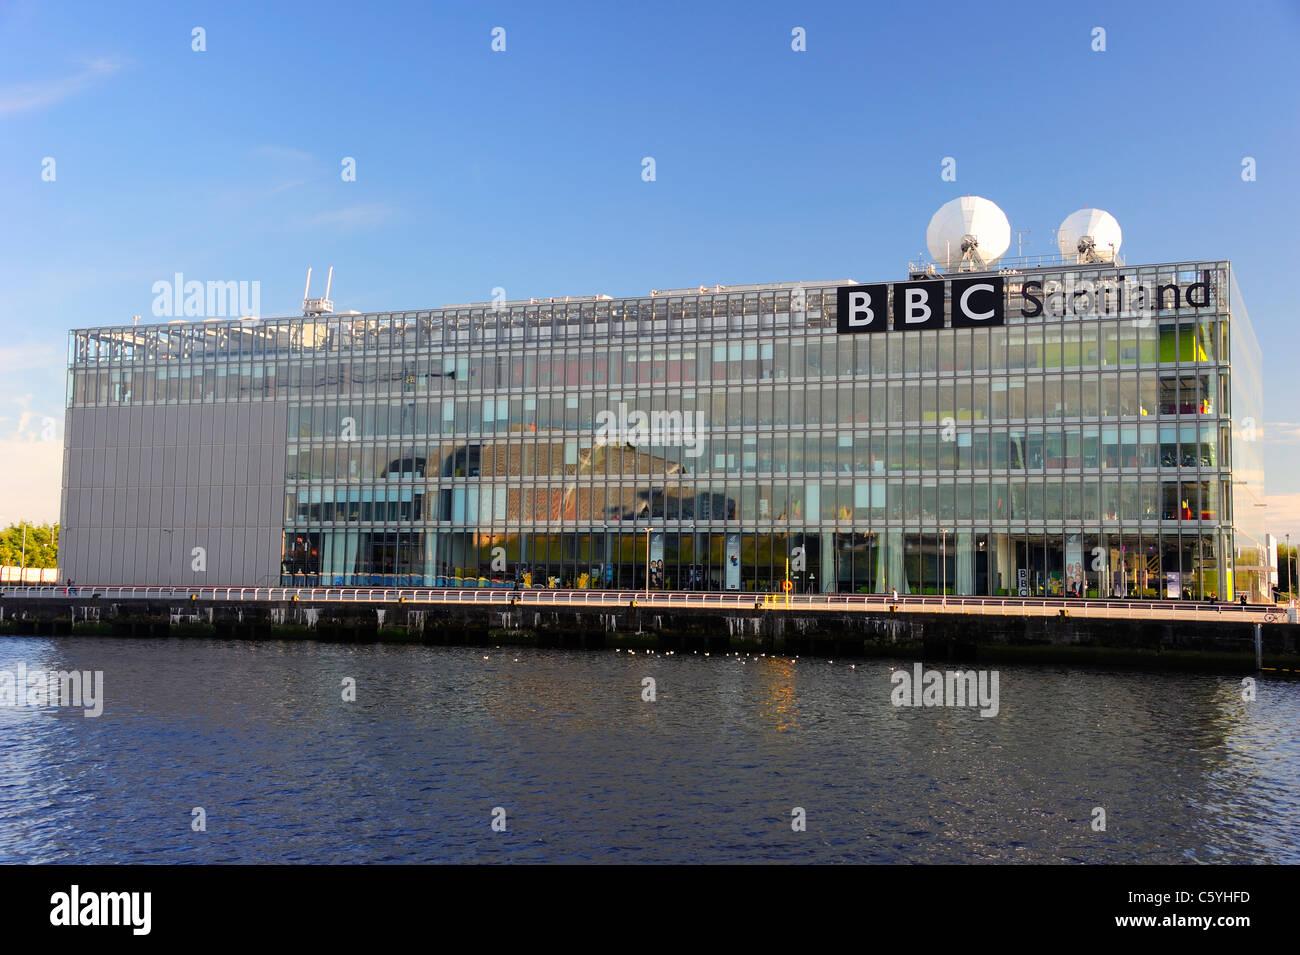 BBC Scotland siège à Glasgow par la rivière Clyde Banque D'Images